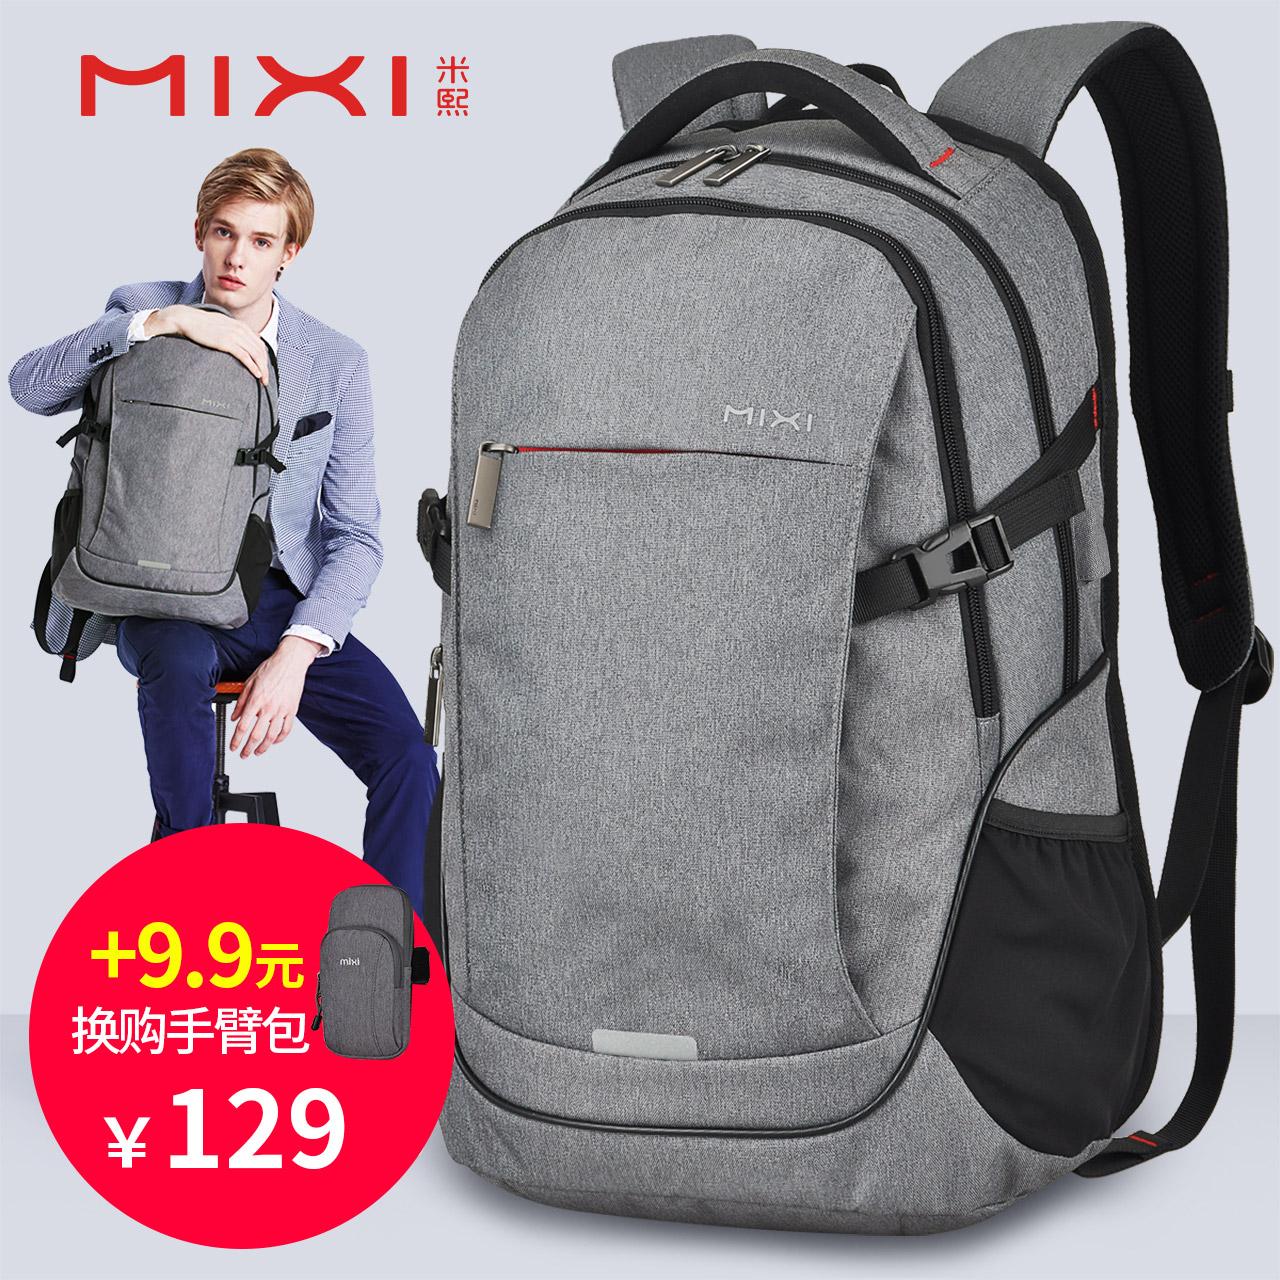 米熙背包男双肩包男士大容量学生书包休闲商务电脑包女旅游旅行包